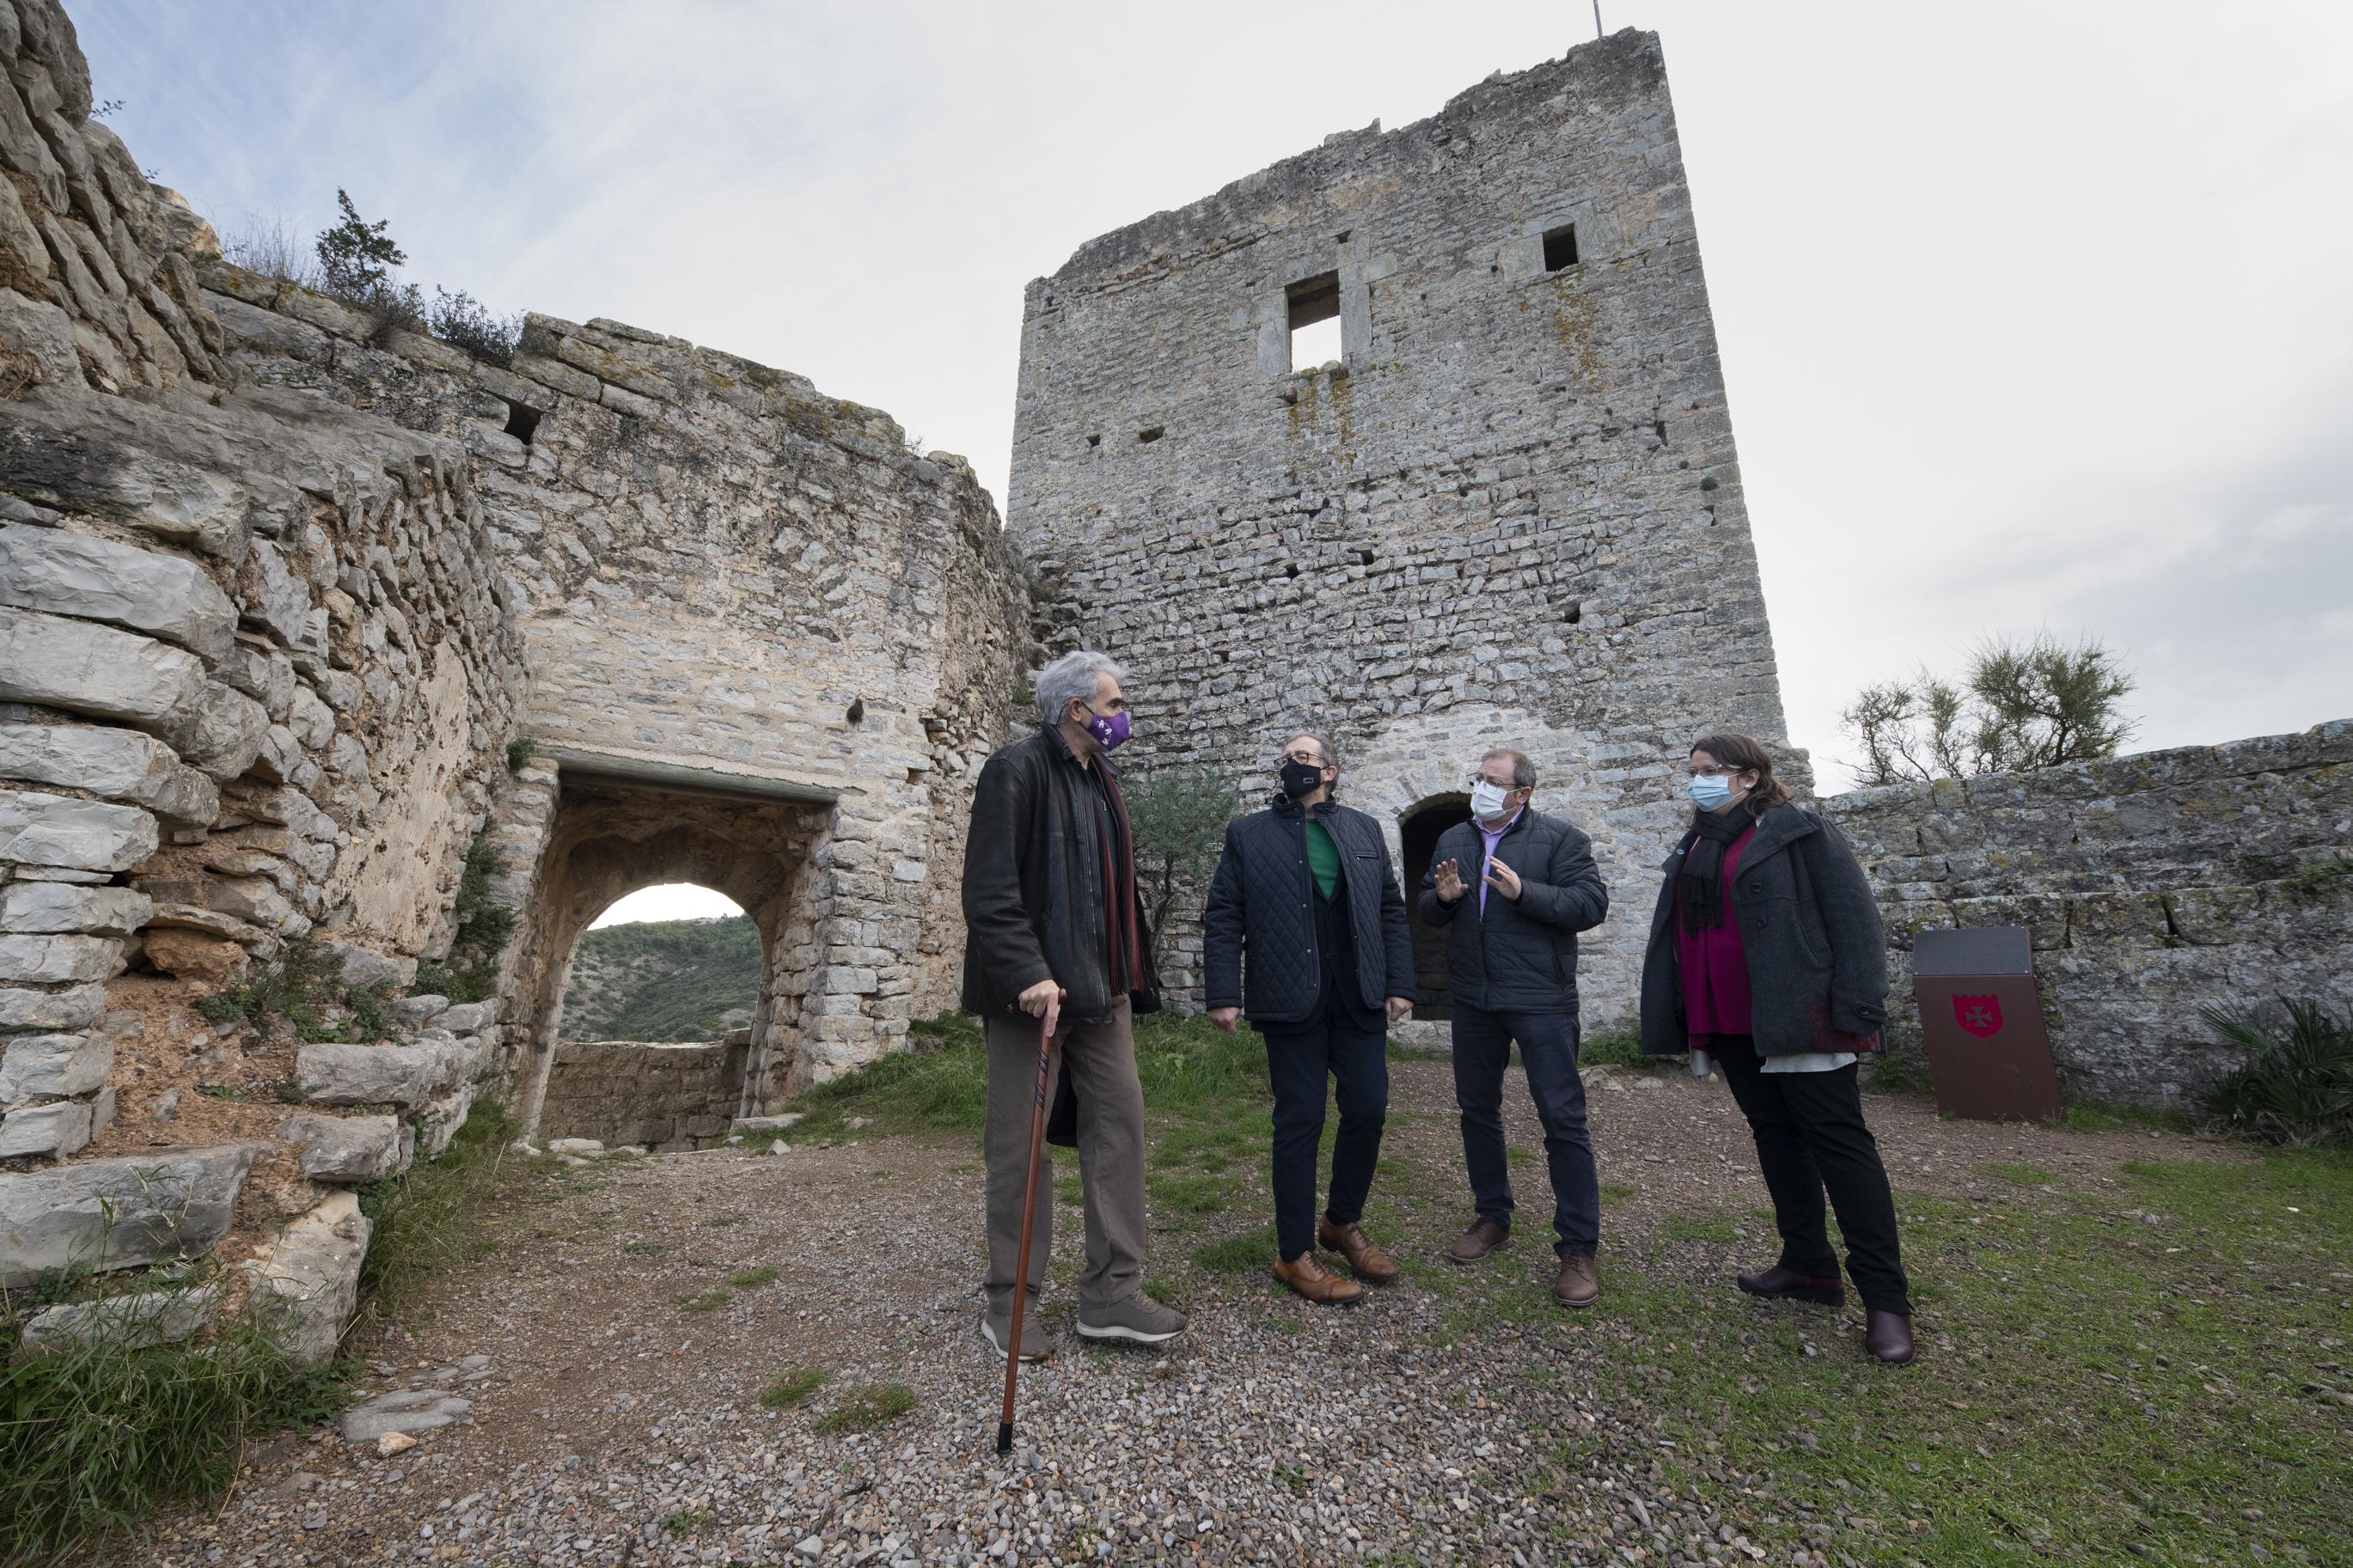 La Diputació aposta per la recuperació dels castells de Xivert i Santa Magdalena com a reclam turístic